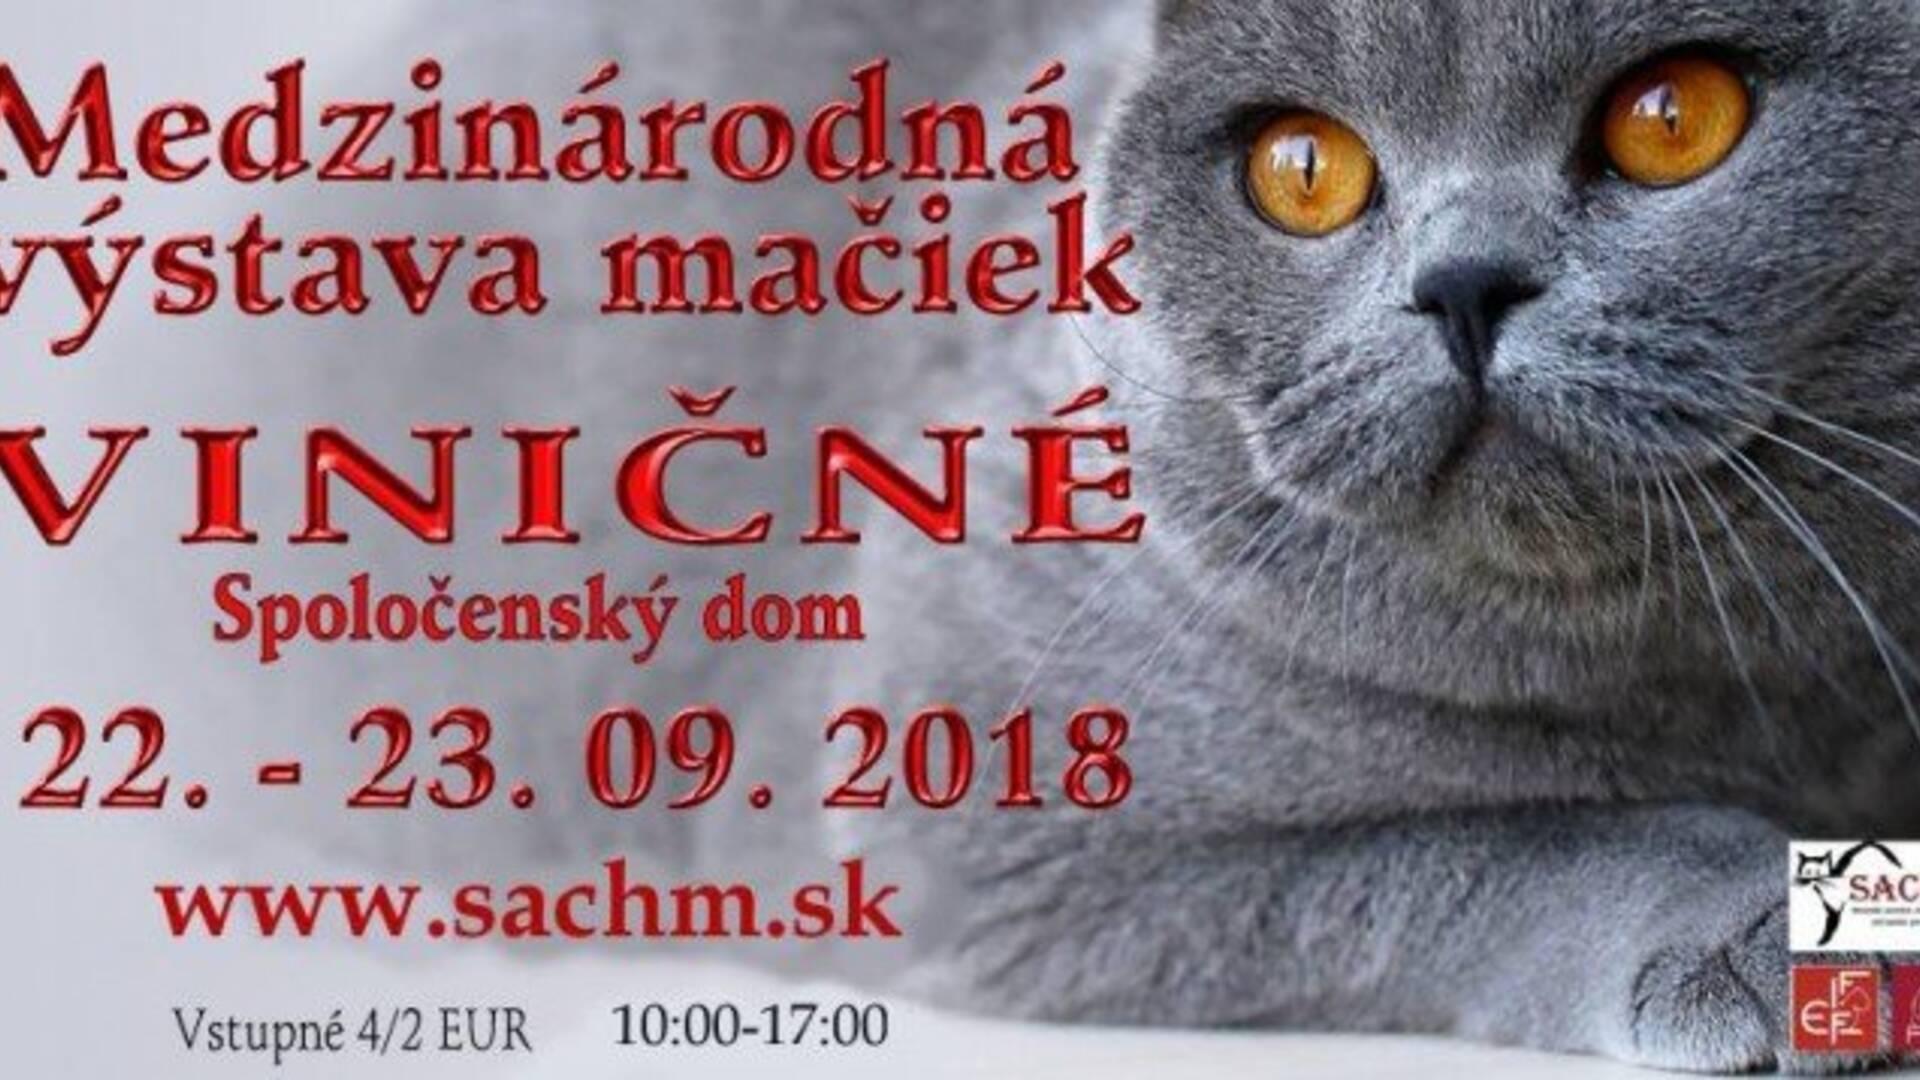 Medzinárodná výstava mačiek - Viničné  6a47963cc75